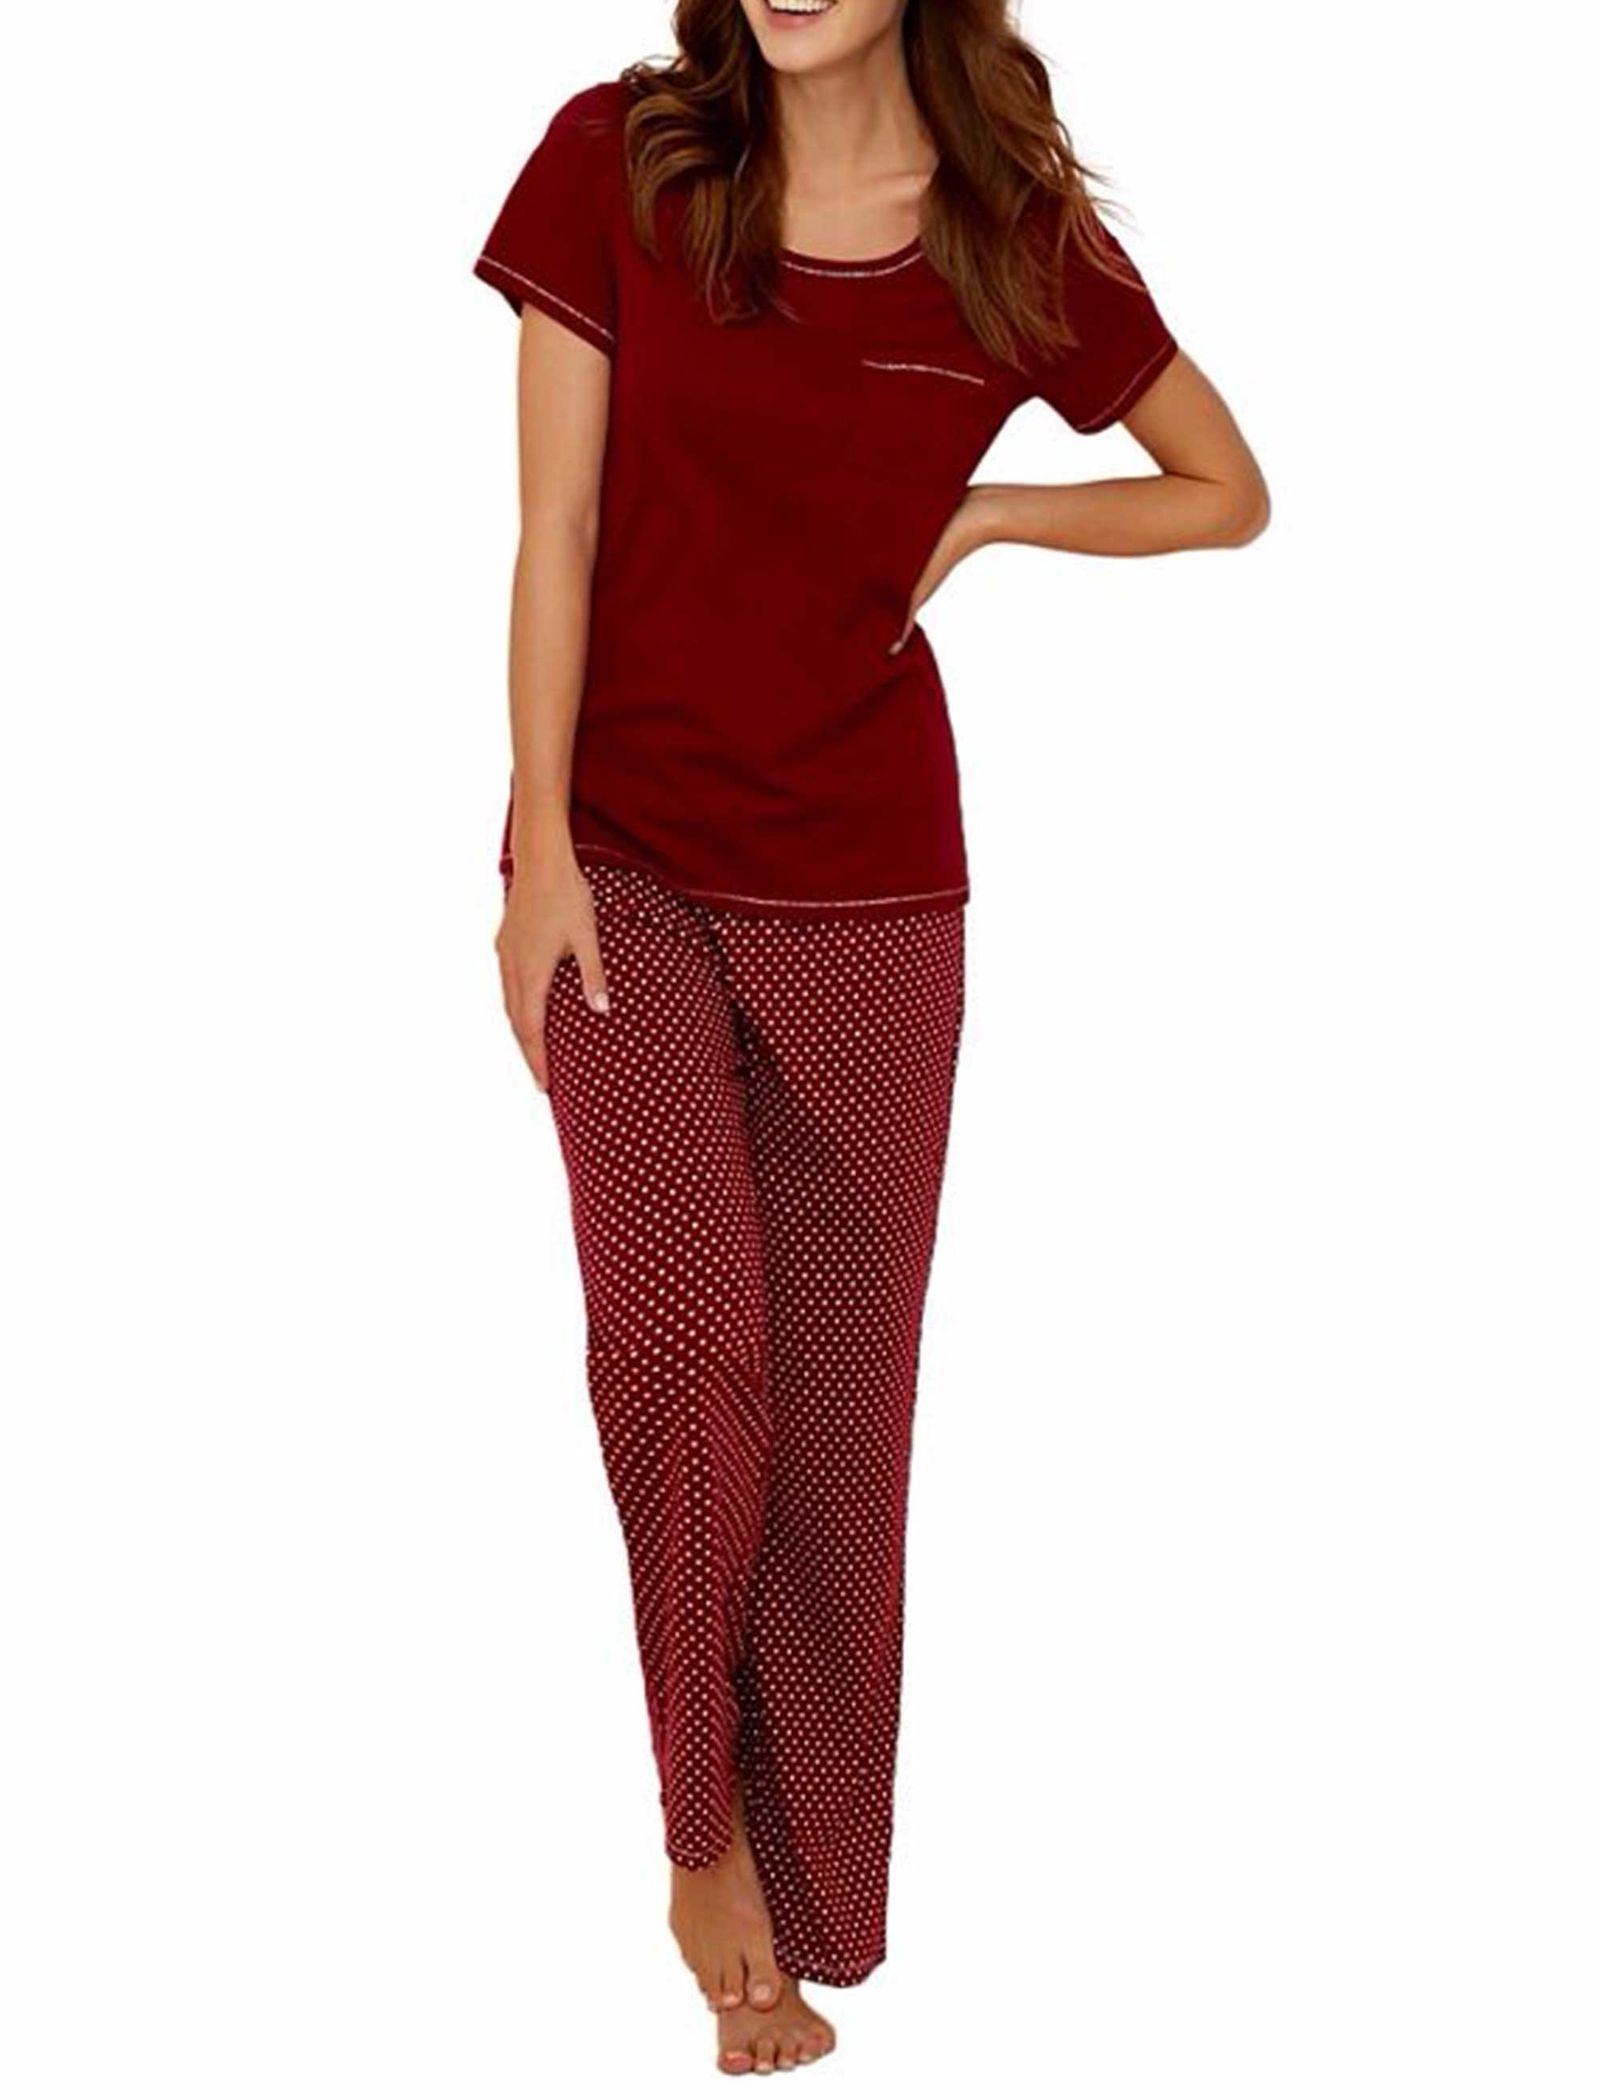 تی شرت و شلوار راحتی نخی زنانه - لانژ اند اسلیپ - قرمز - 10